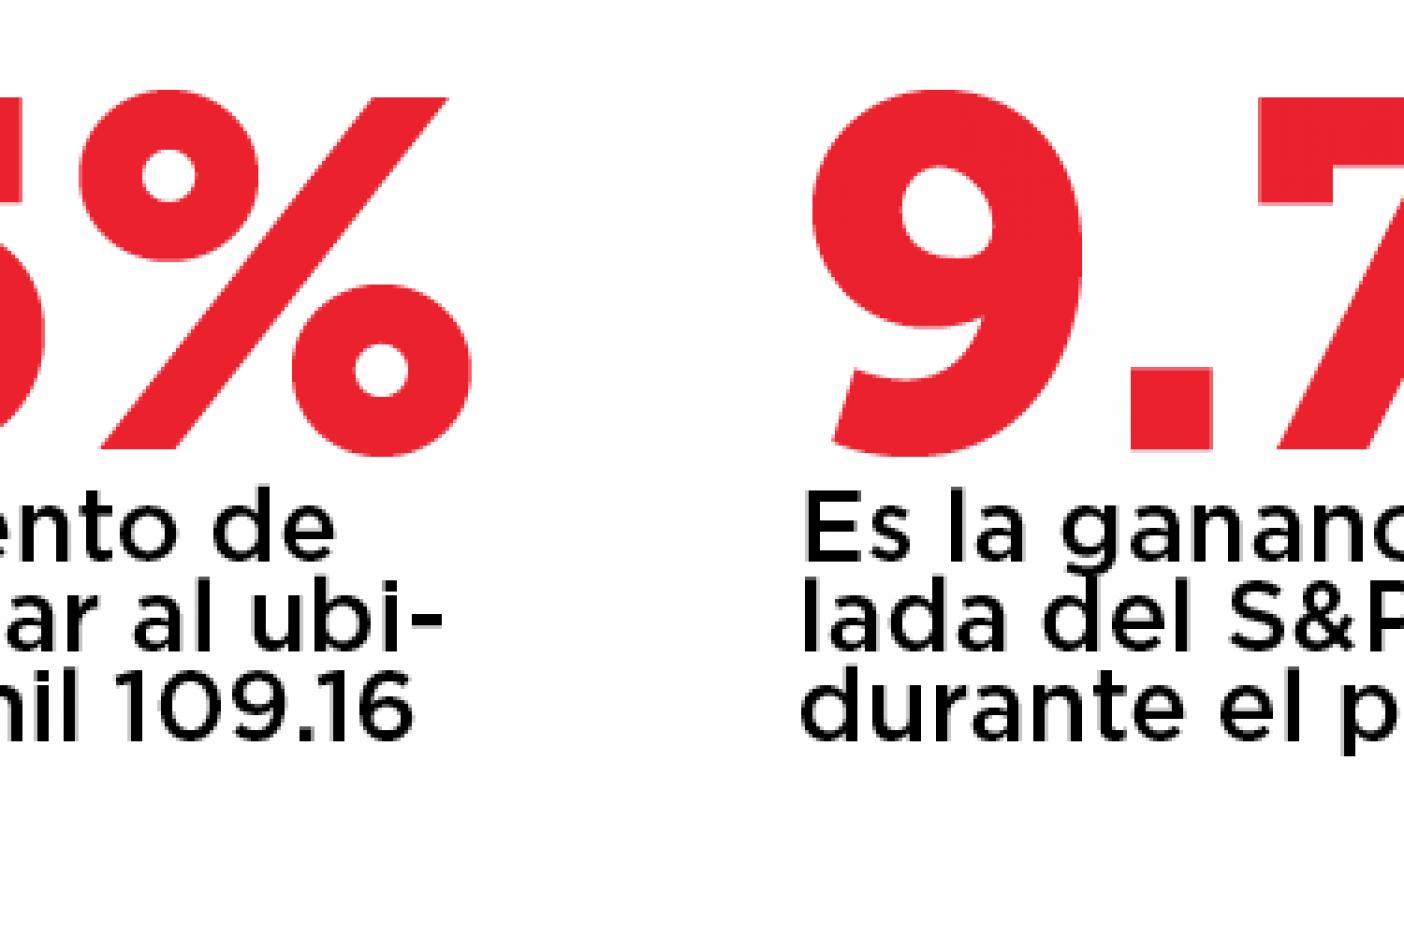 Cierra Bolsa Mexicana arriba de 50 mil puntos